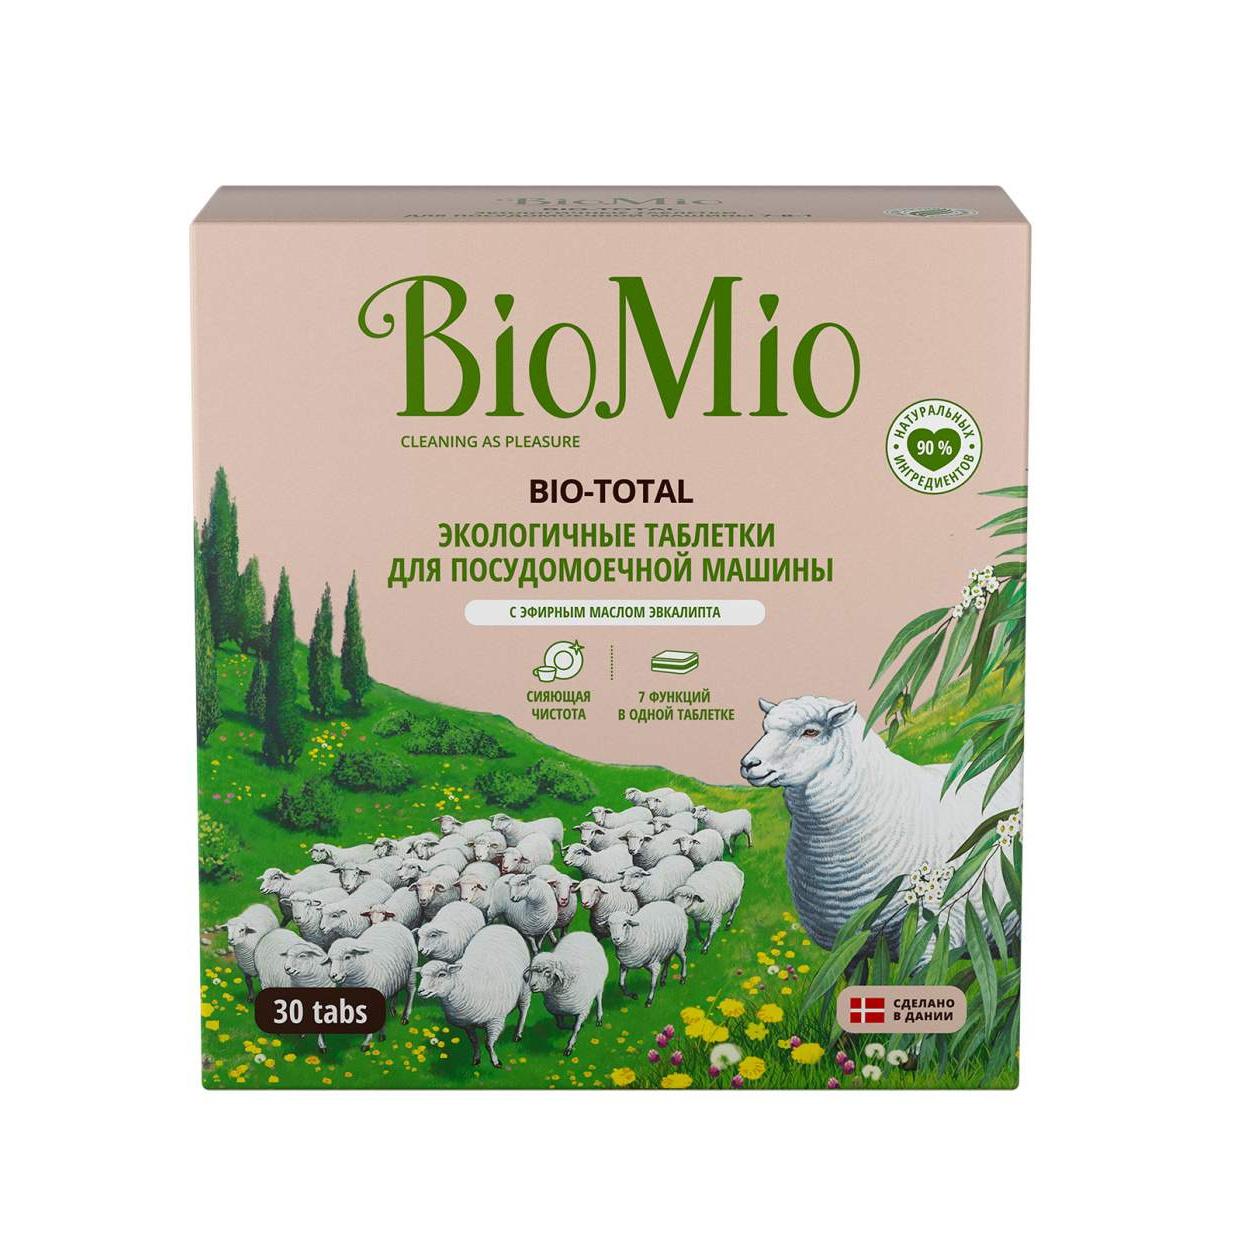 Моющее средство для посуды bio mio: отлично подходит и для мытья овощей и фруктов